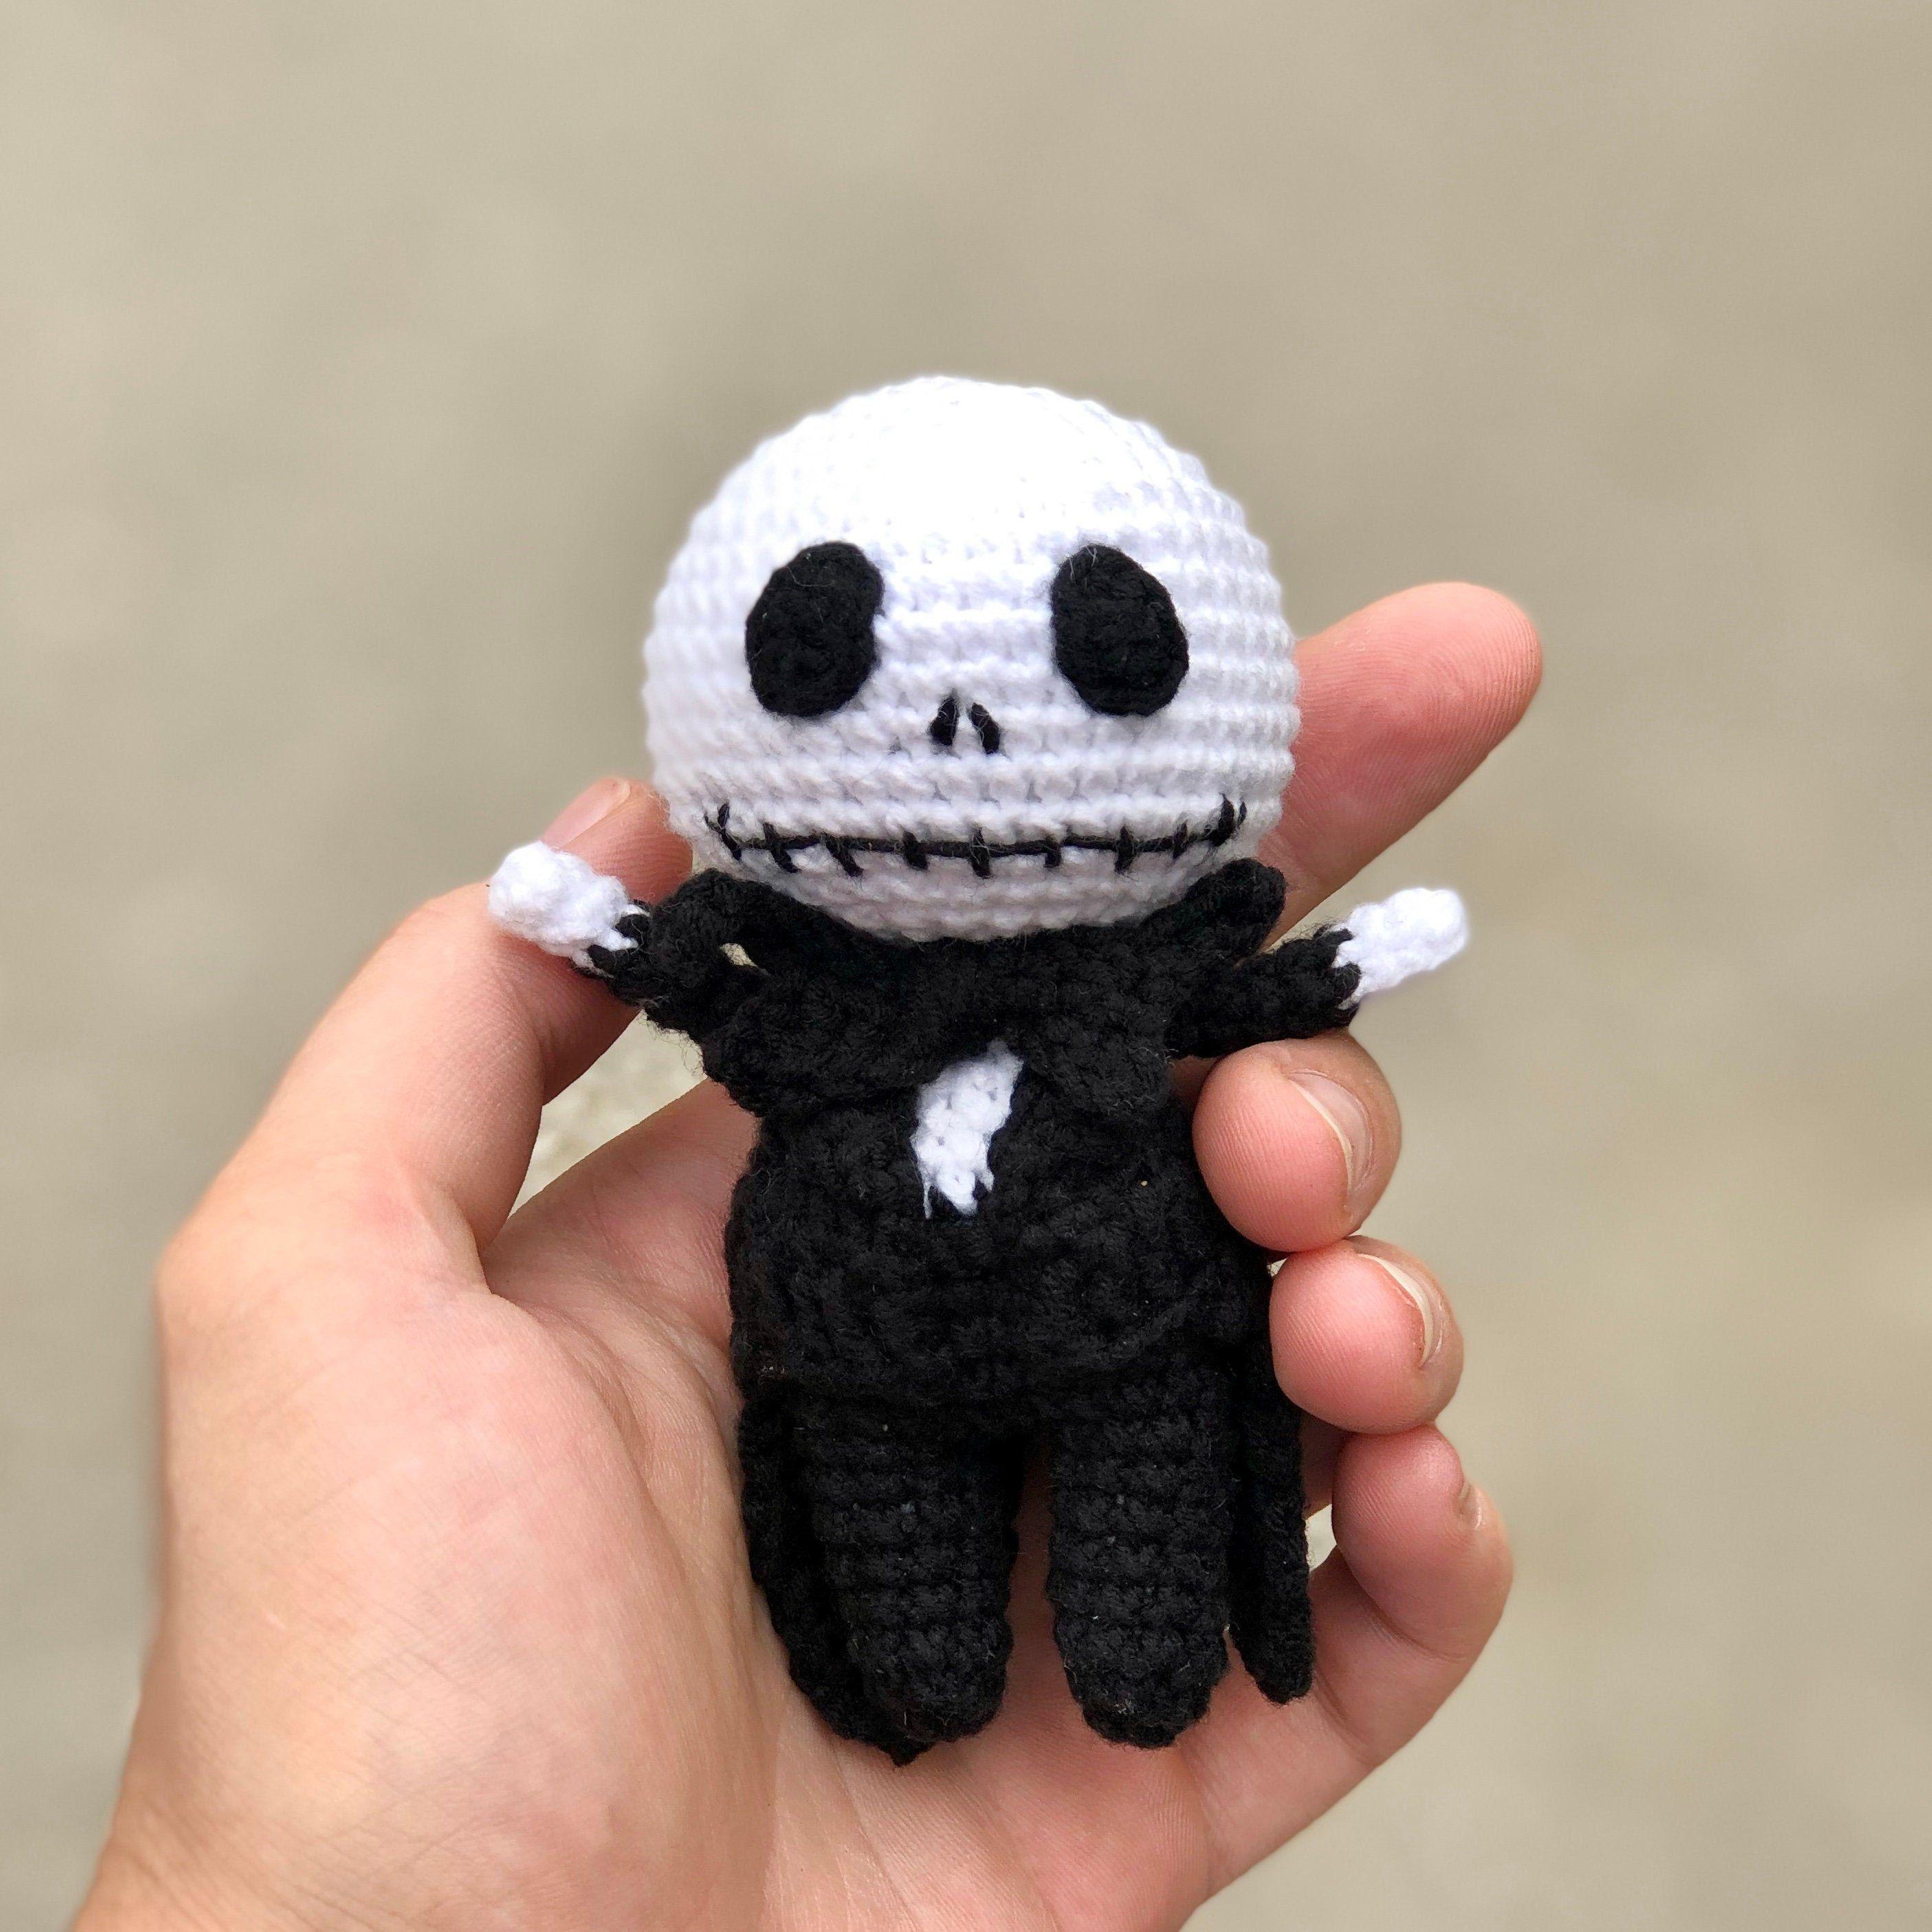 Pdf Crochet Pattern Fan Art Jack Skellington Halloween Crochet Halloween Crochet Crochet Patterns Halloween Crochet Patterns